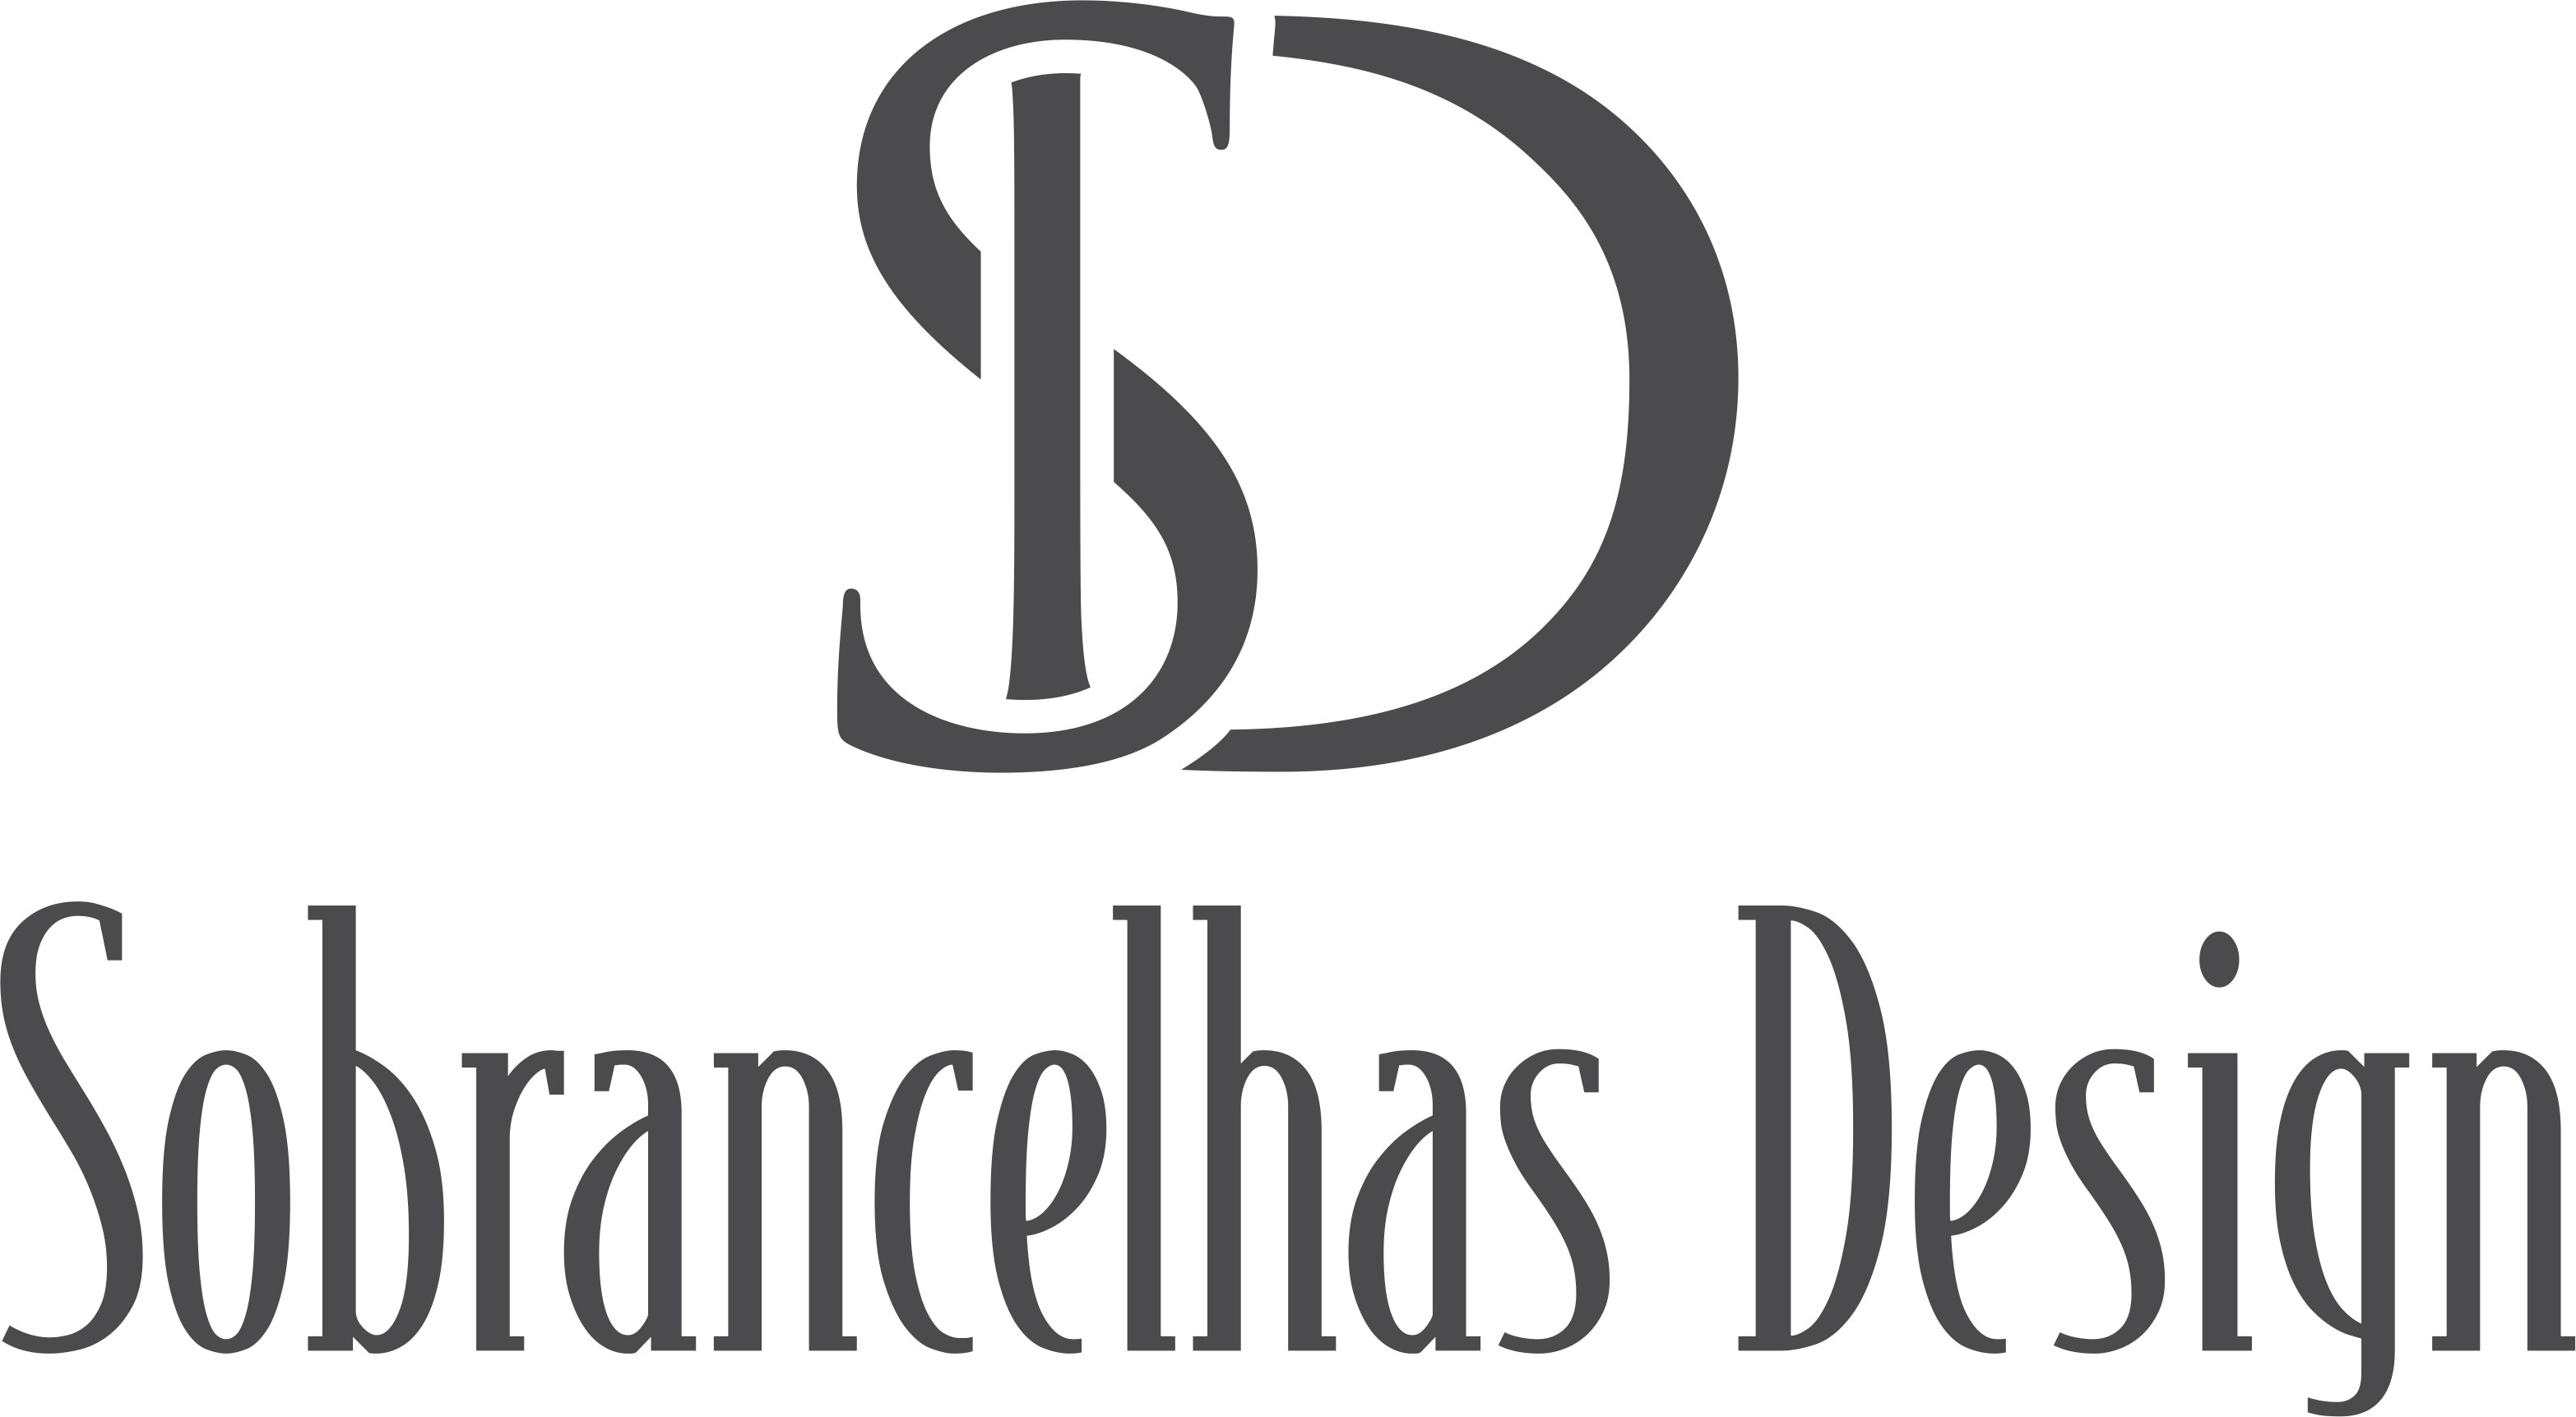 Sobrancelhas Design